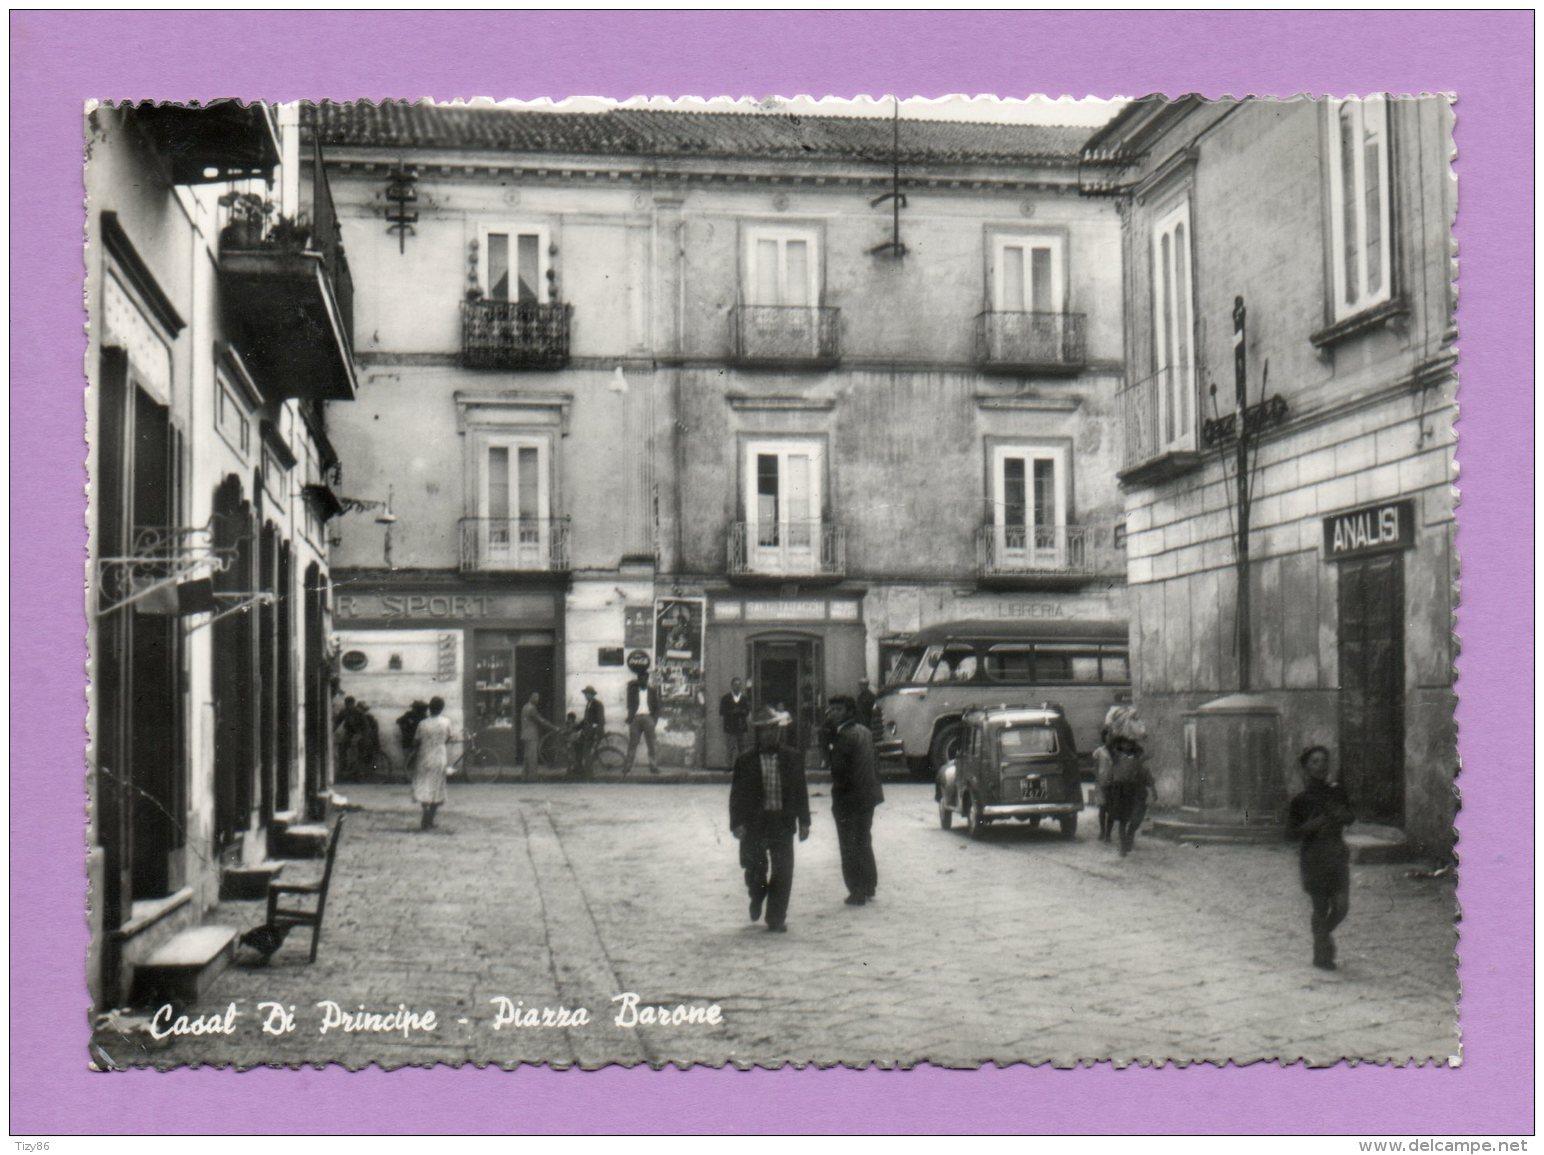 Casal Di Principe - Piazza Barone - Caserta